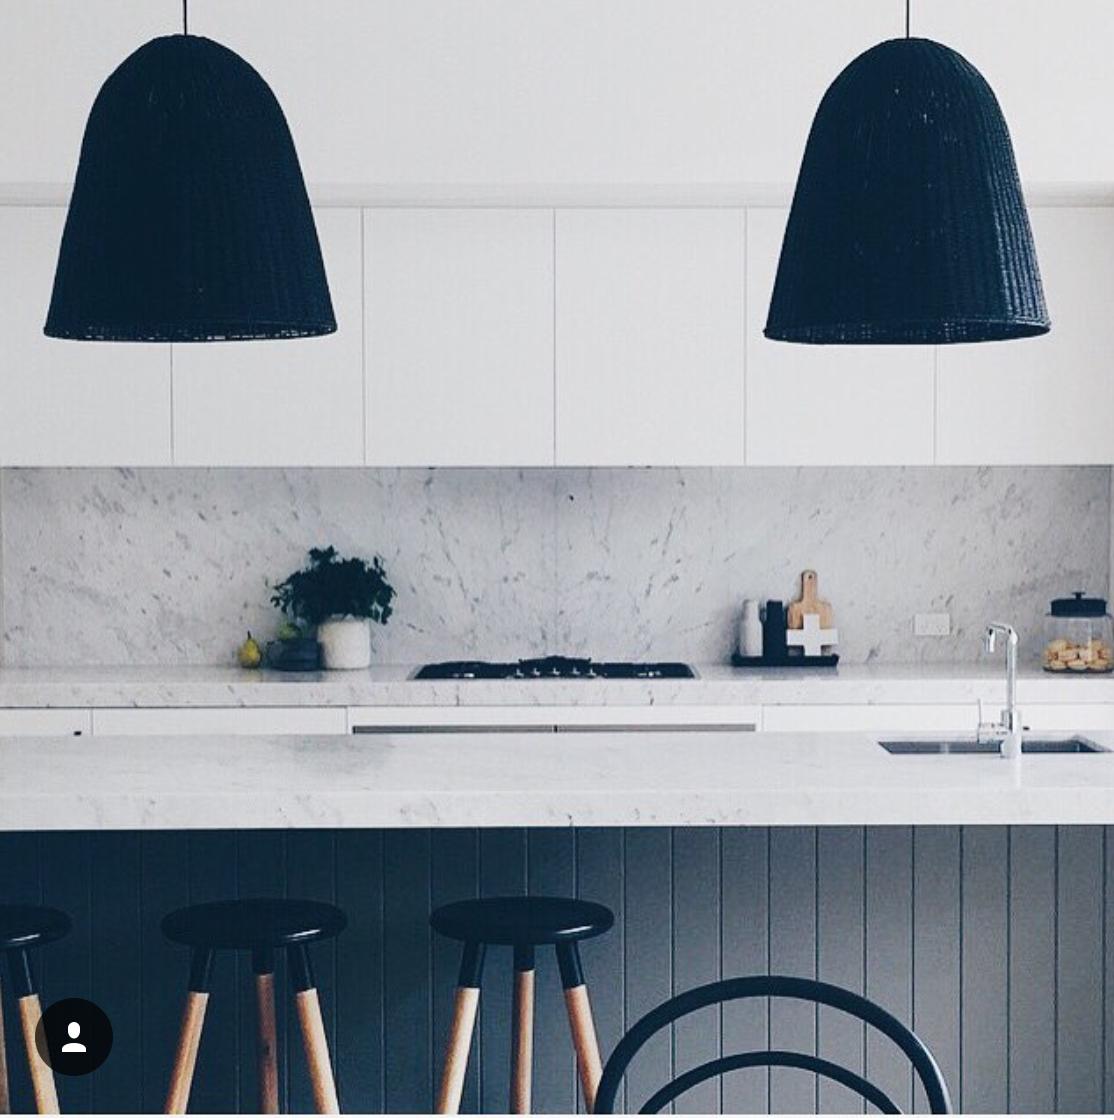 Minimalist monochrome kitchen | Mono | Pinterest | Monochrome ...